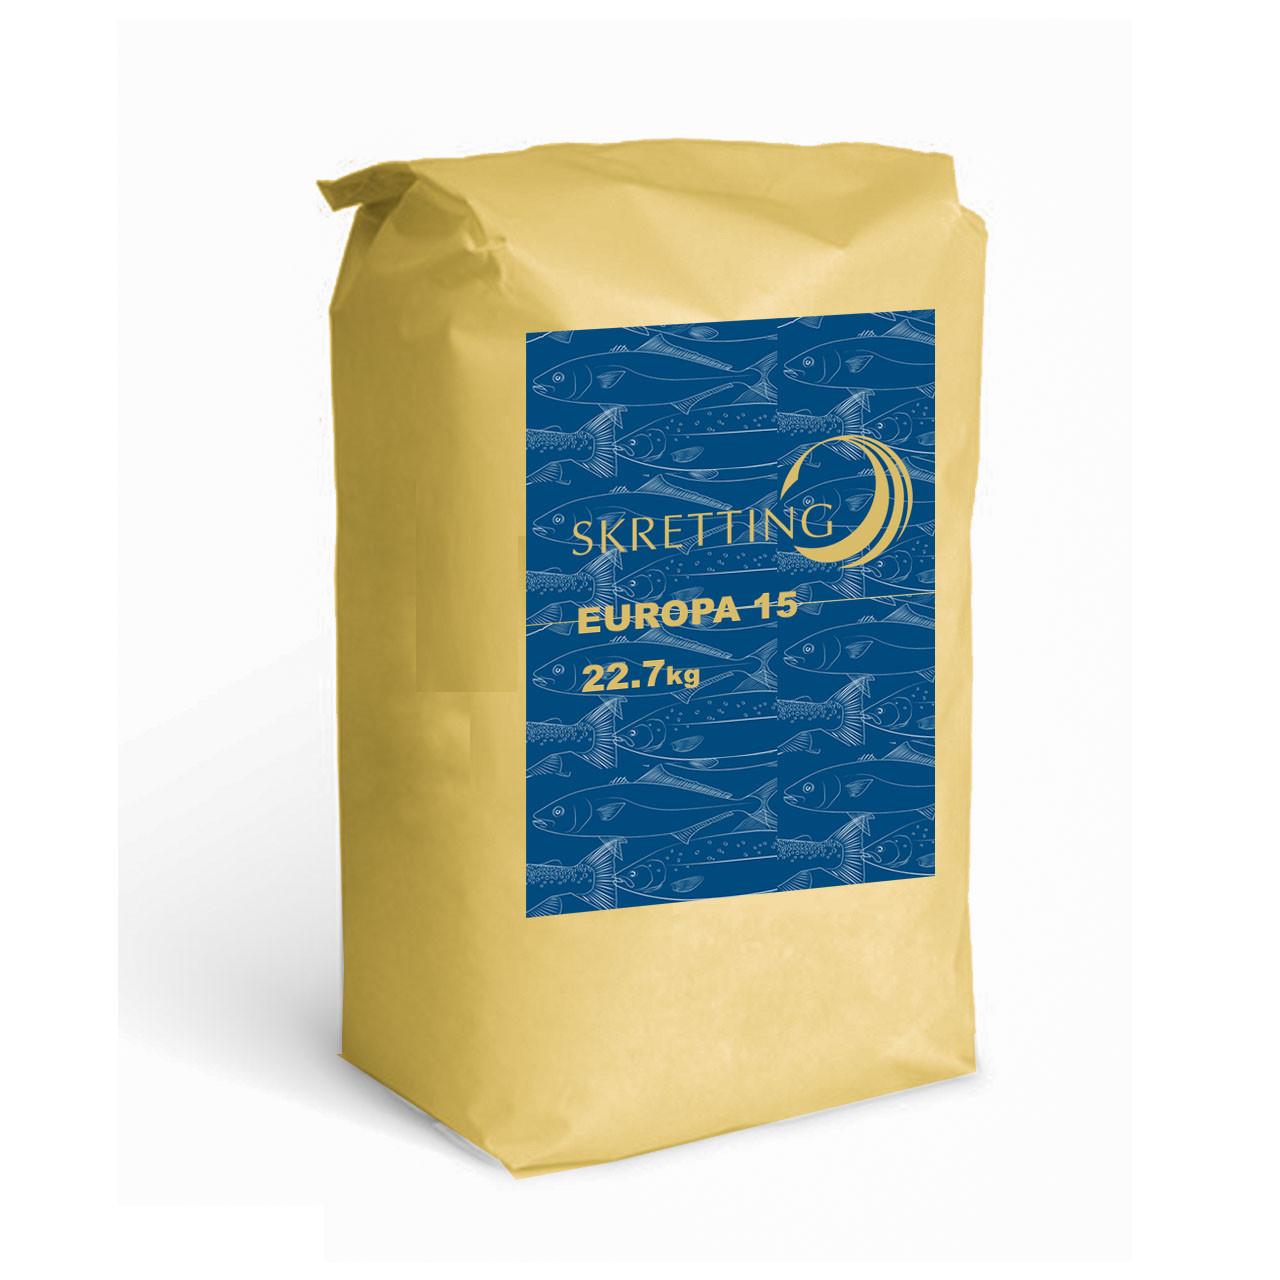 Skretting alimento Europa 15 de 3 mm [Saco de 22.7 Kilos]